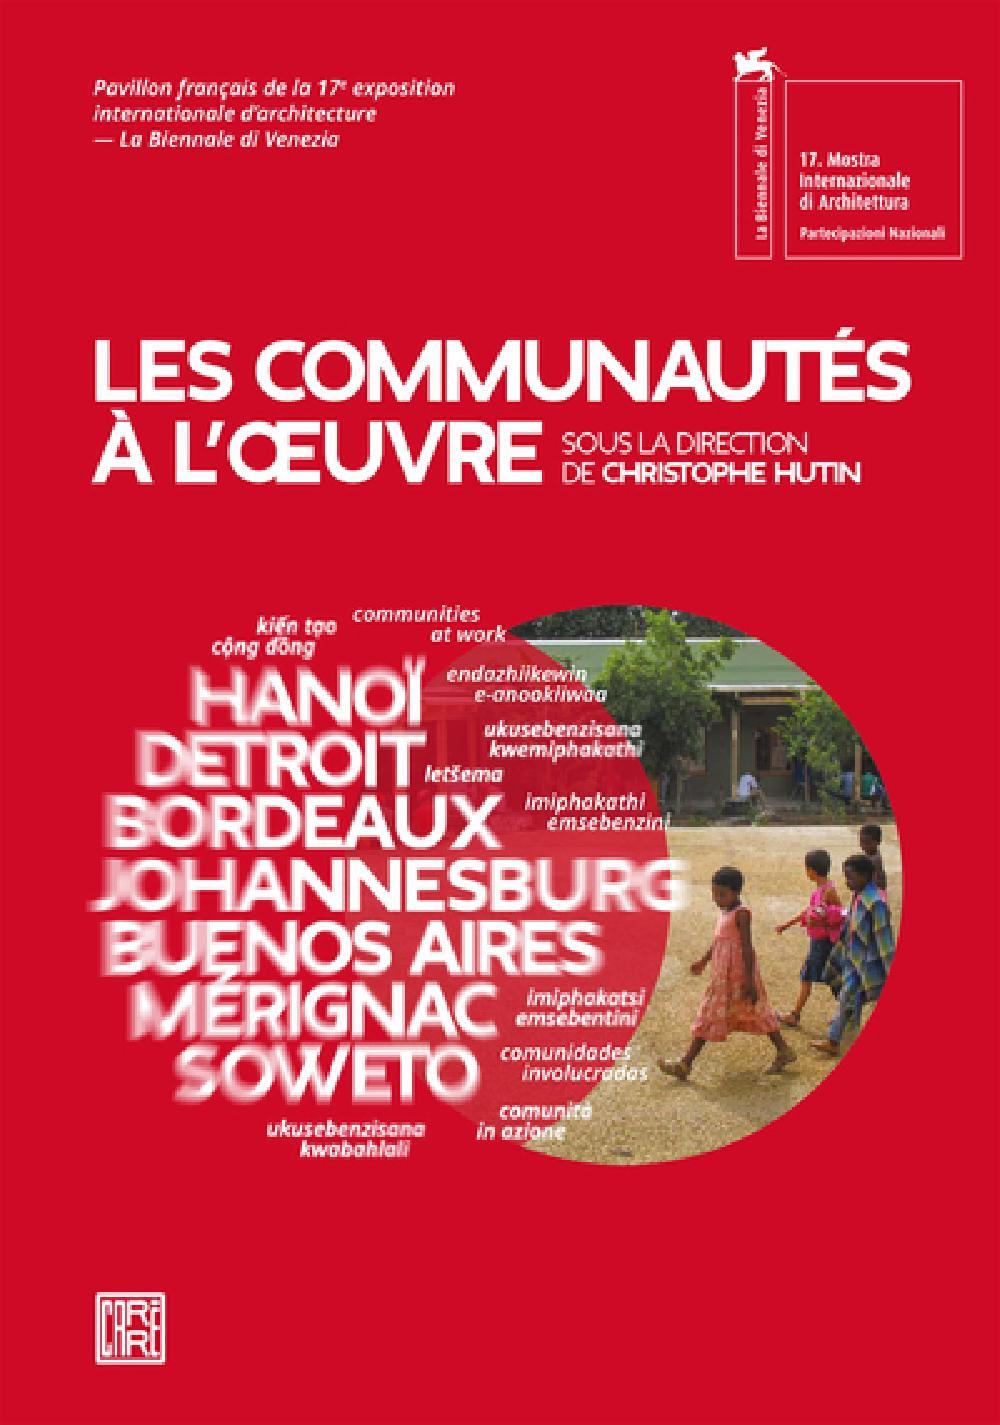 Les communautés à l'oeuvre